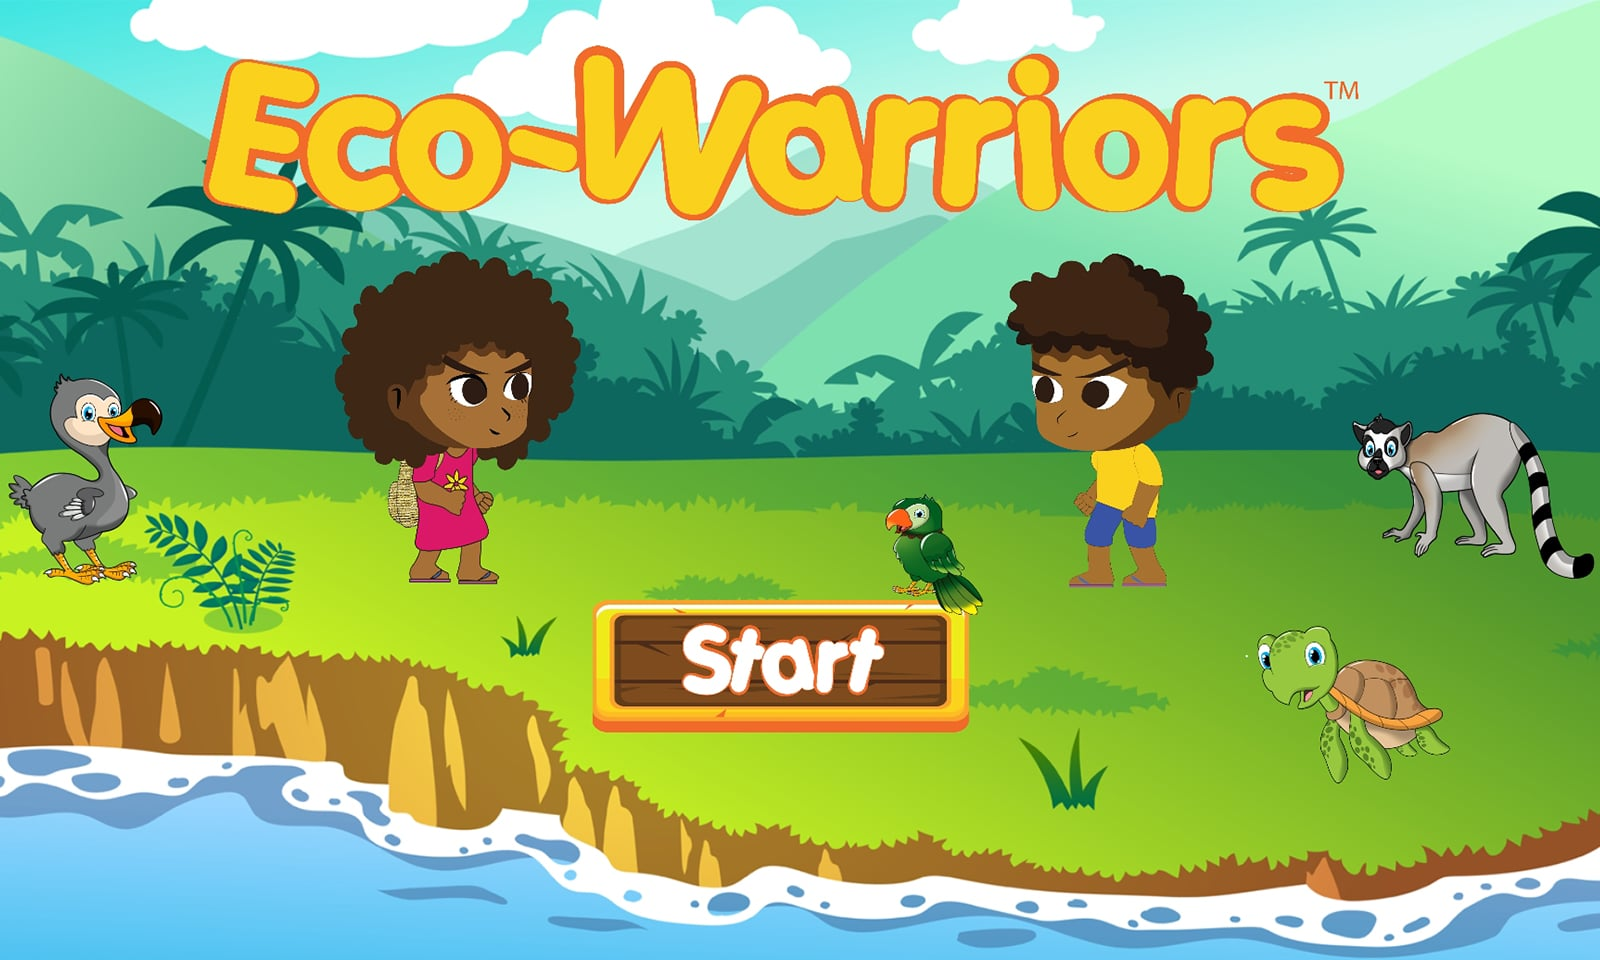 Eco-Warriors